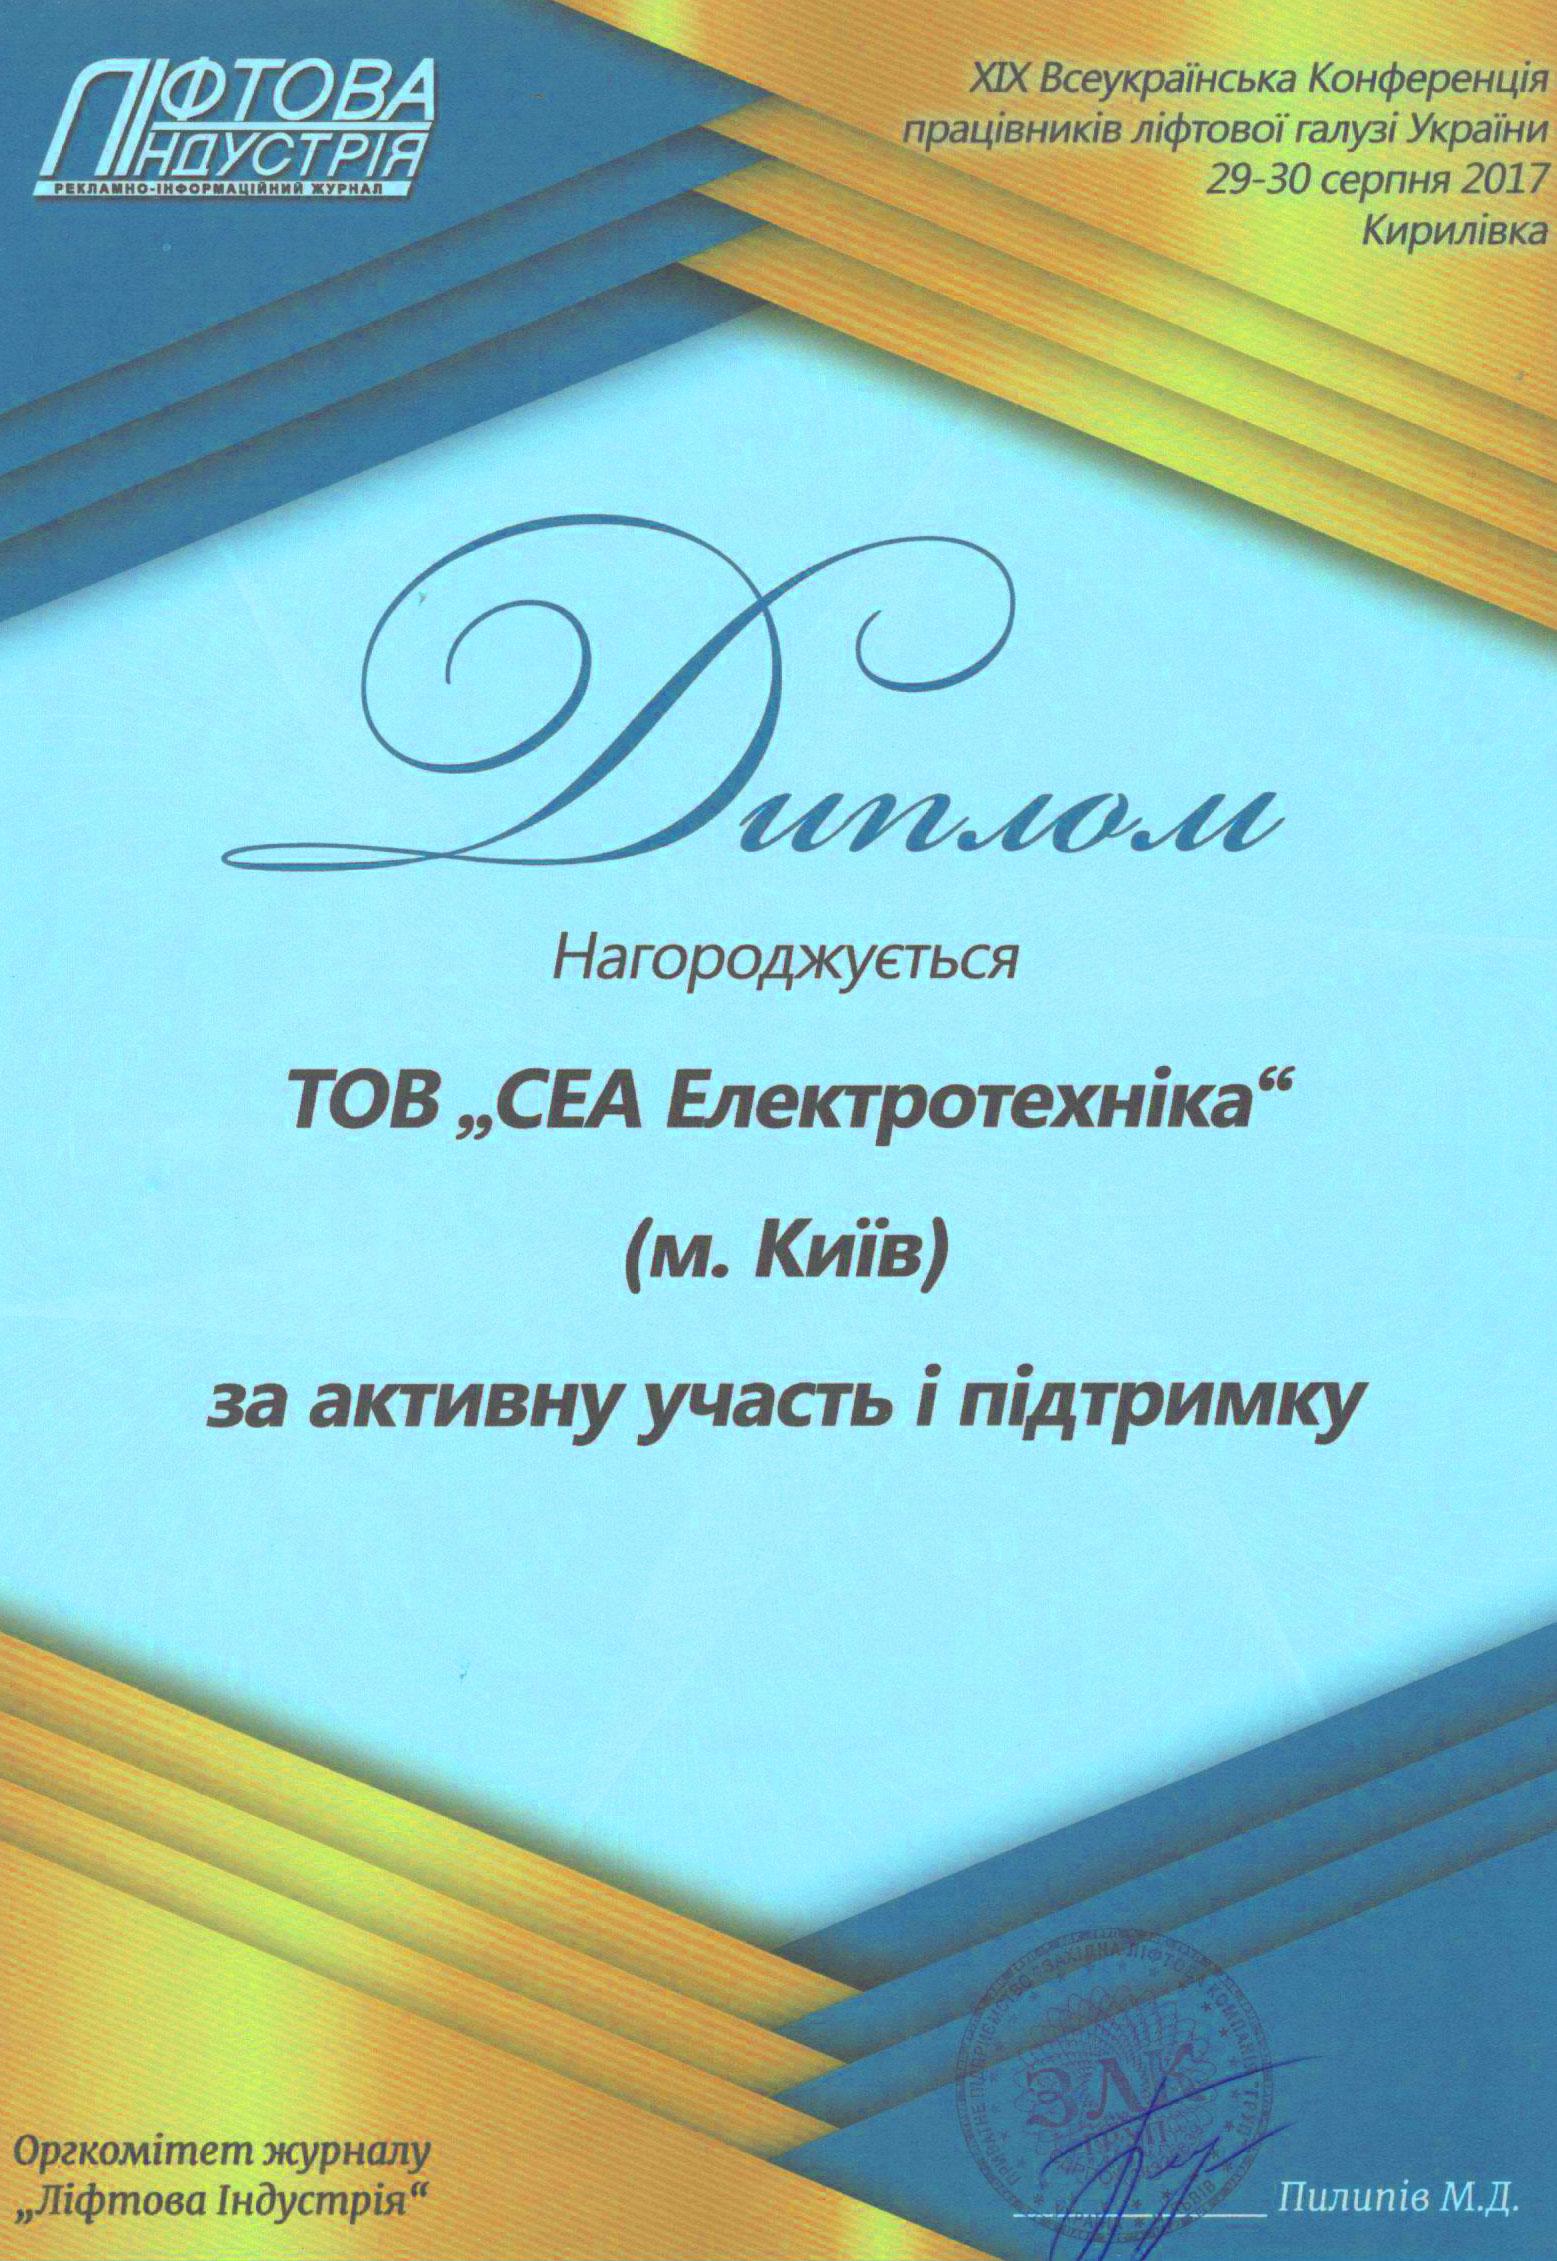 Конференция работников лифтовой отрасли Украины